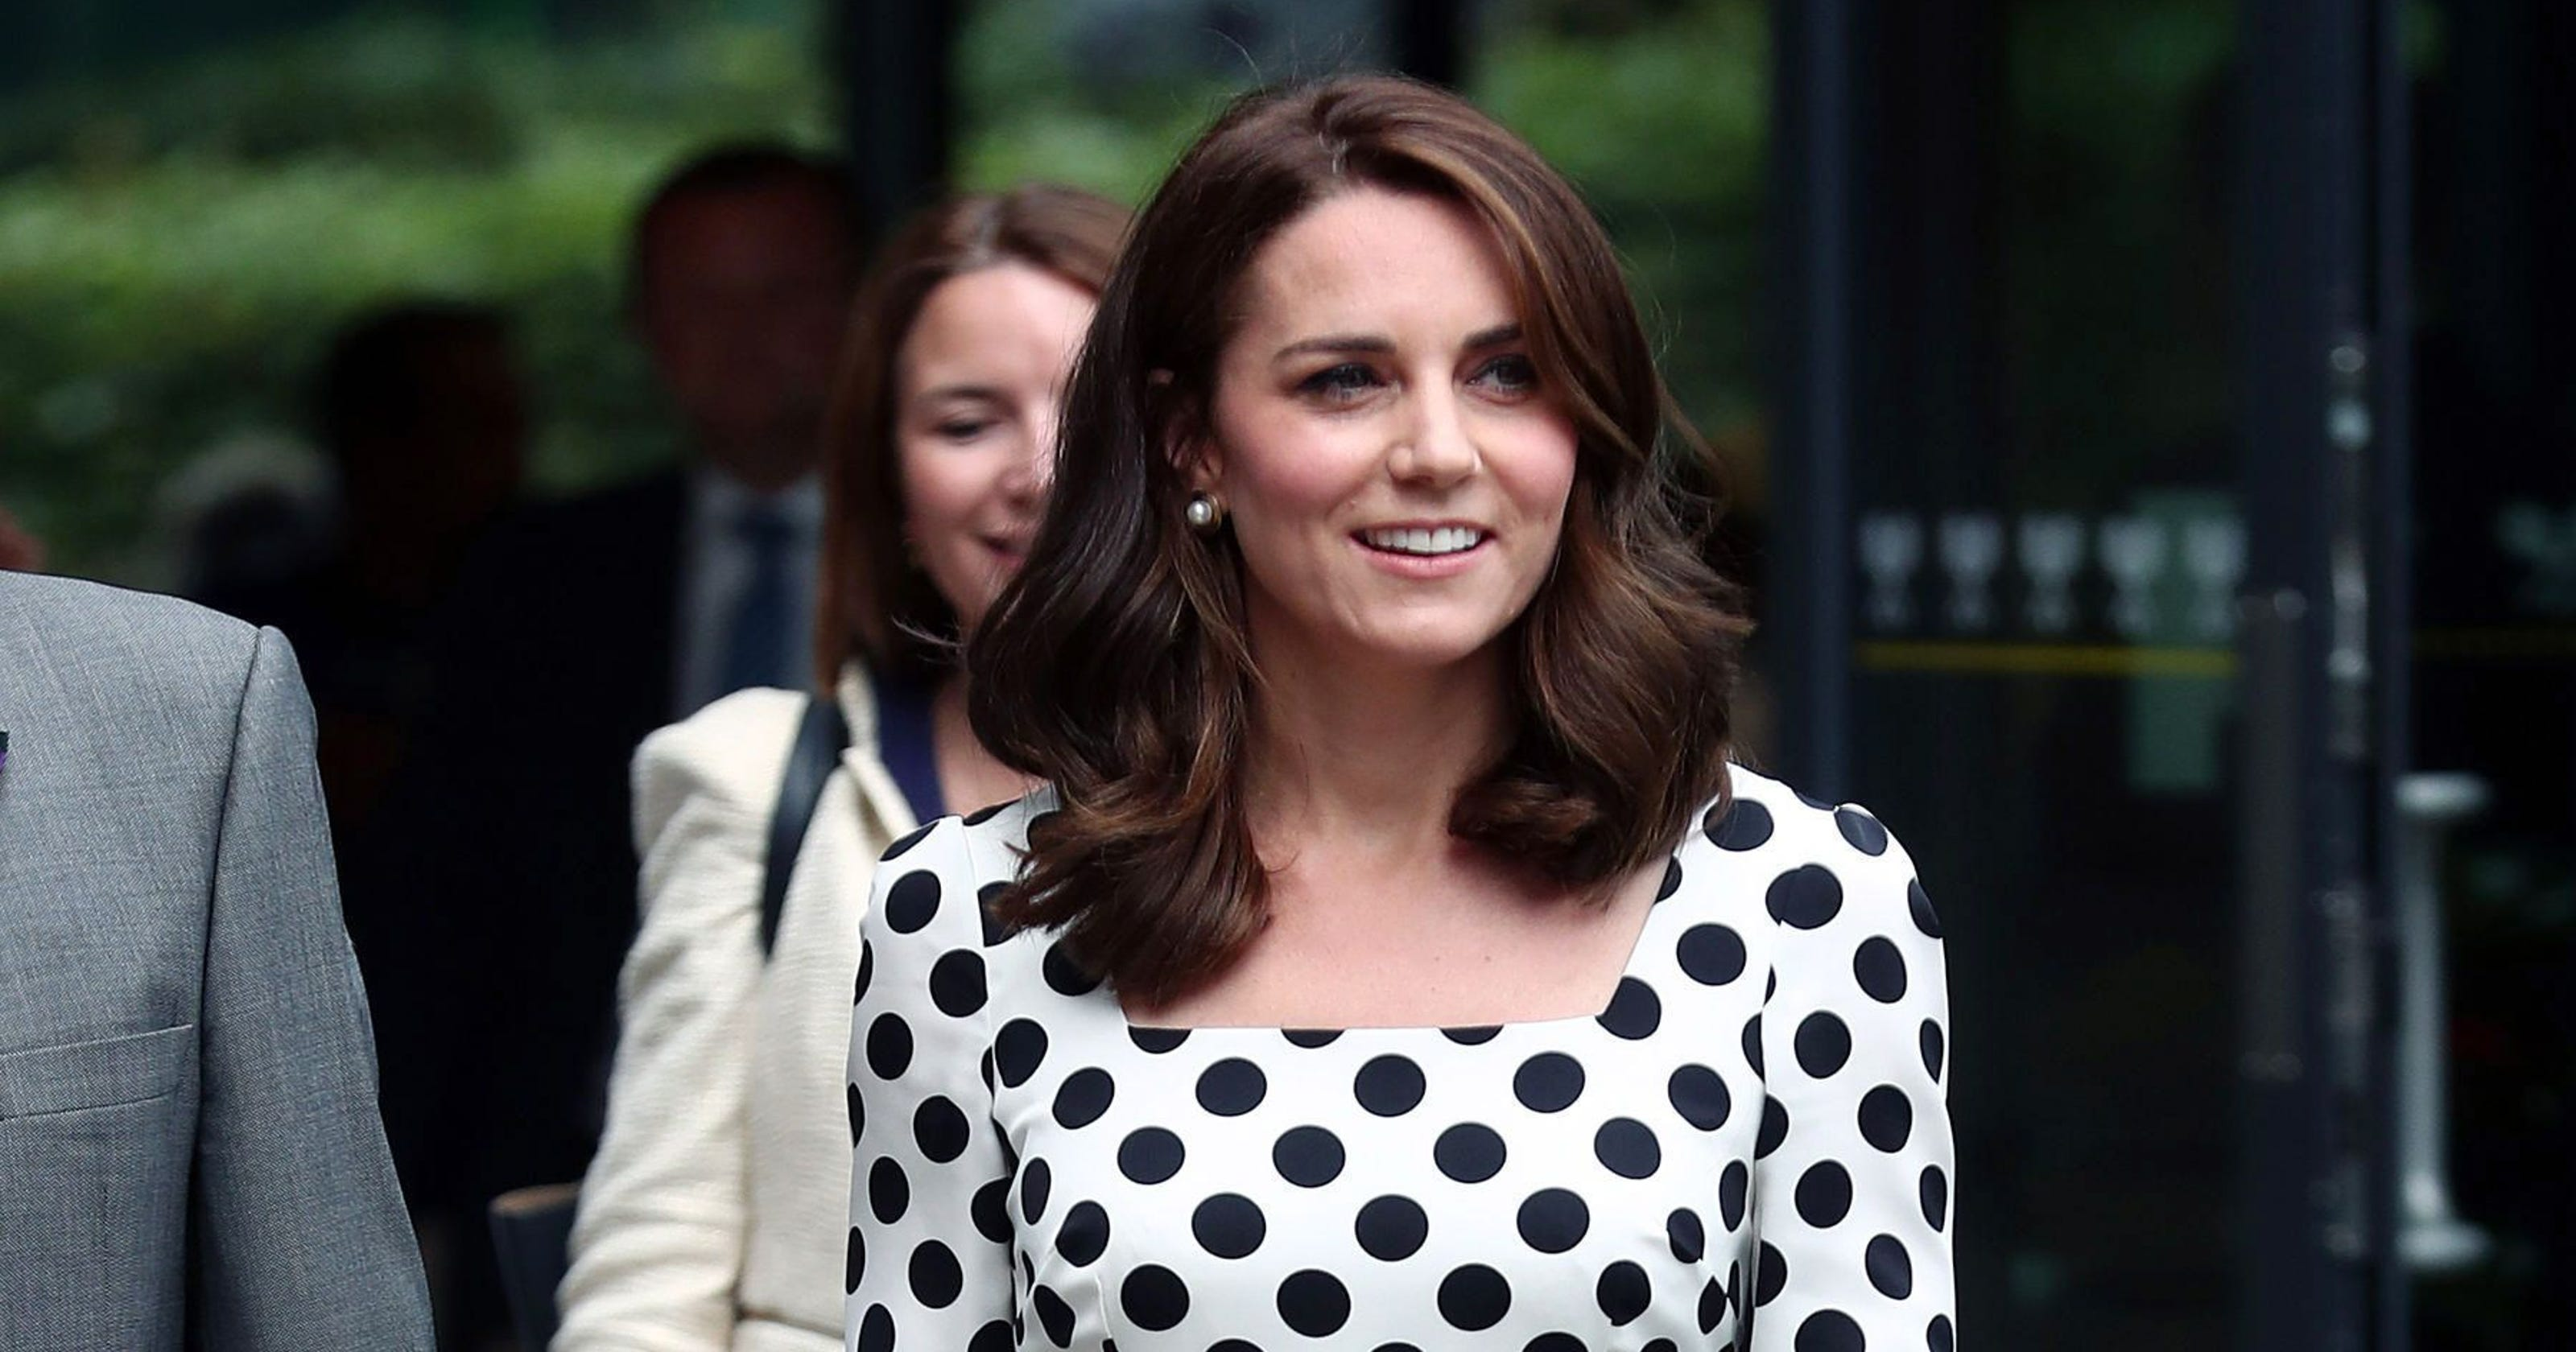 3f6076b8ea347 Duchess Kate looks youthful in polka dot dress